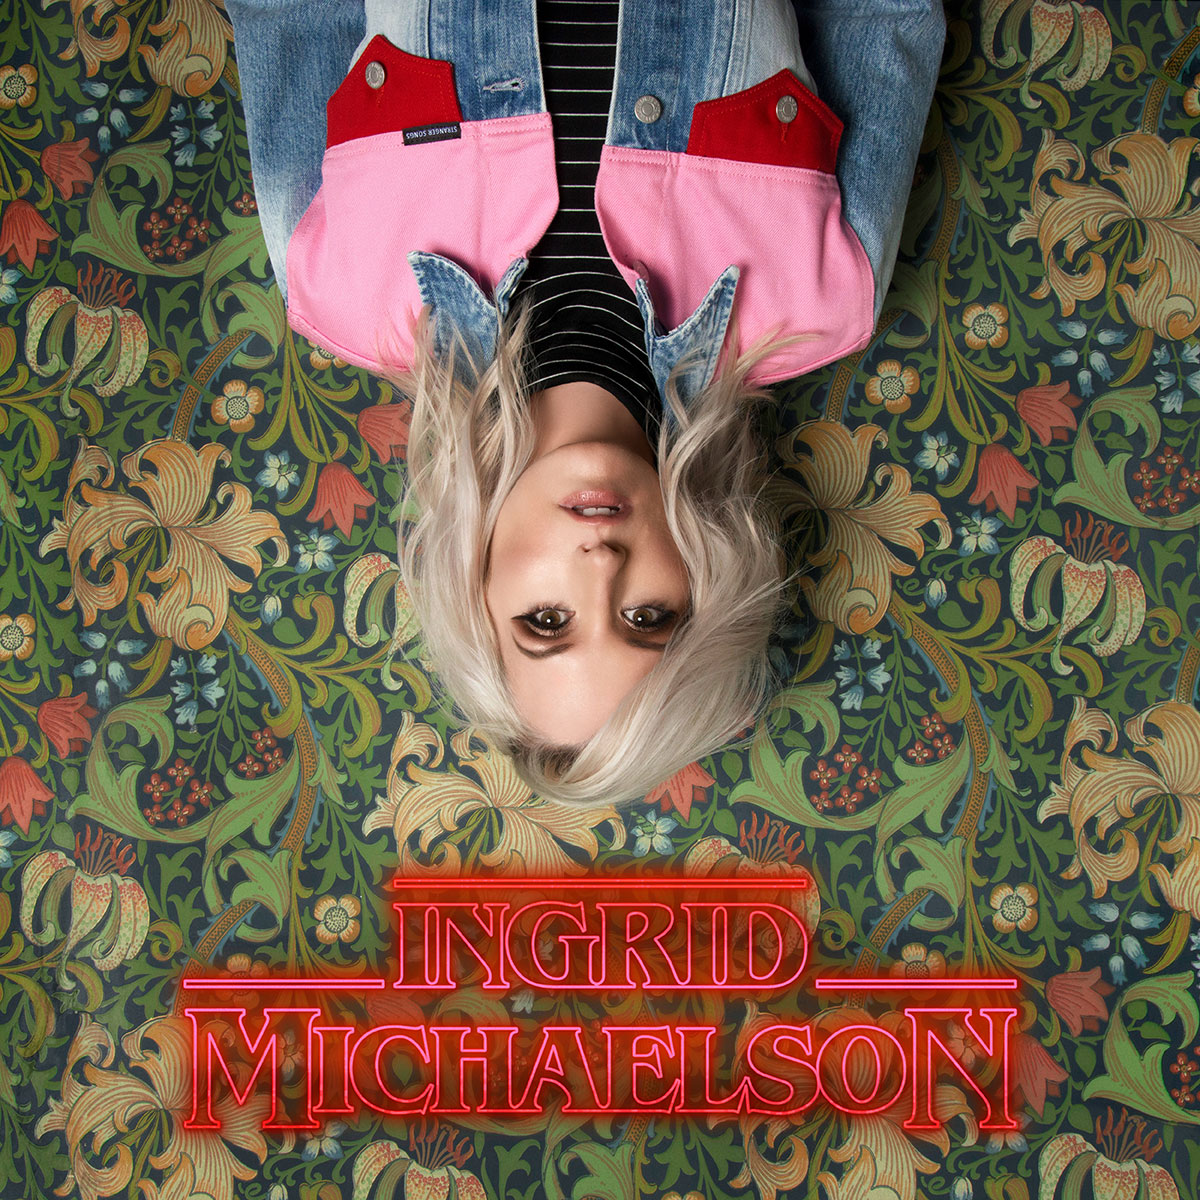 Ingrid Michaelson